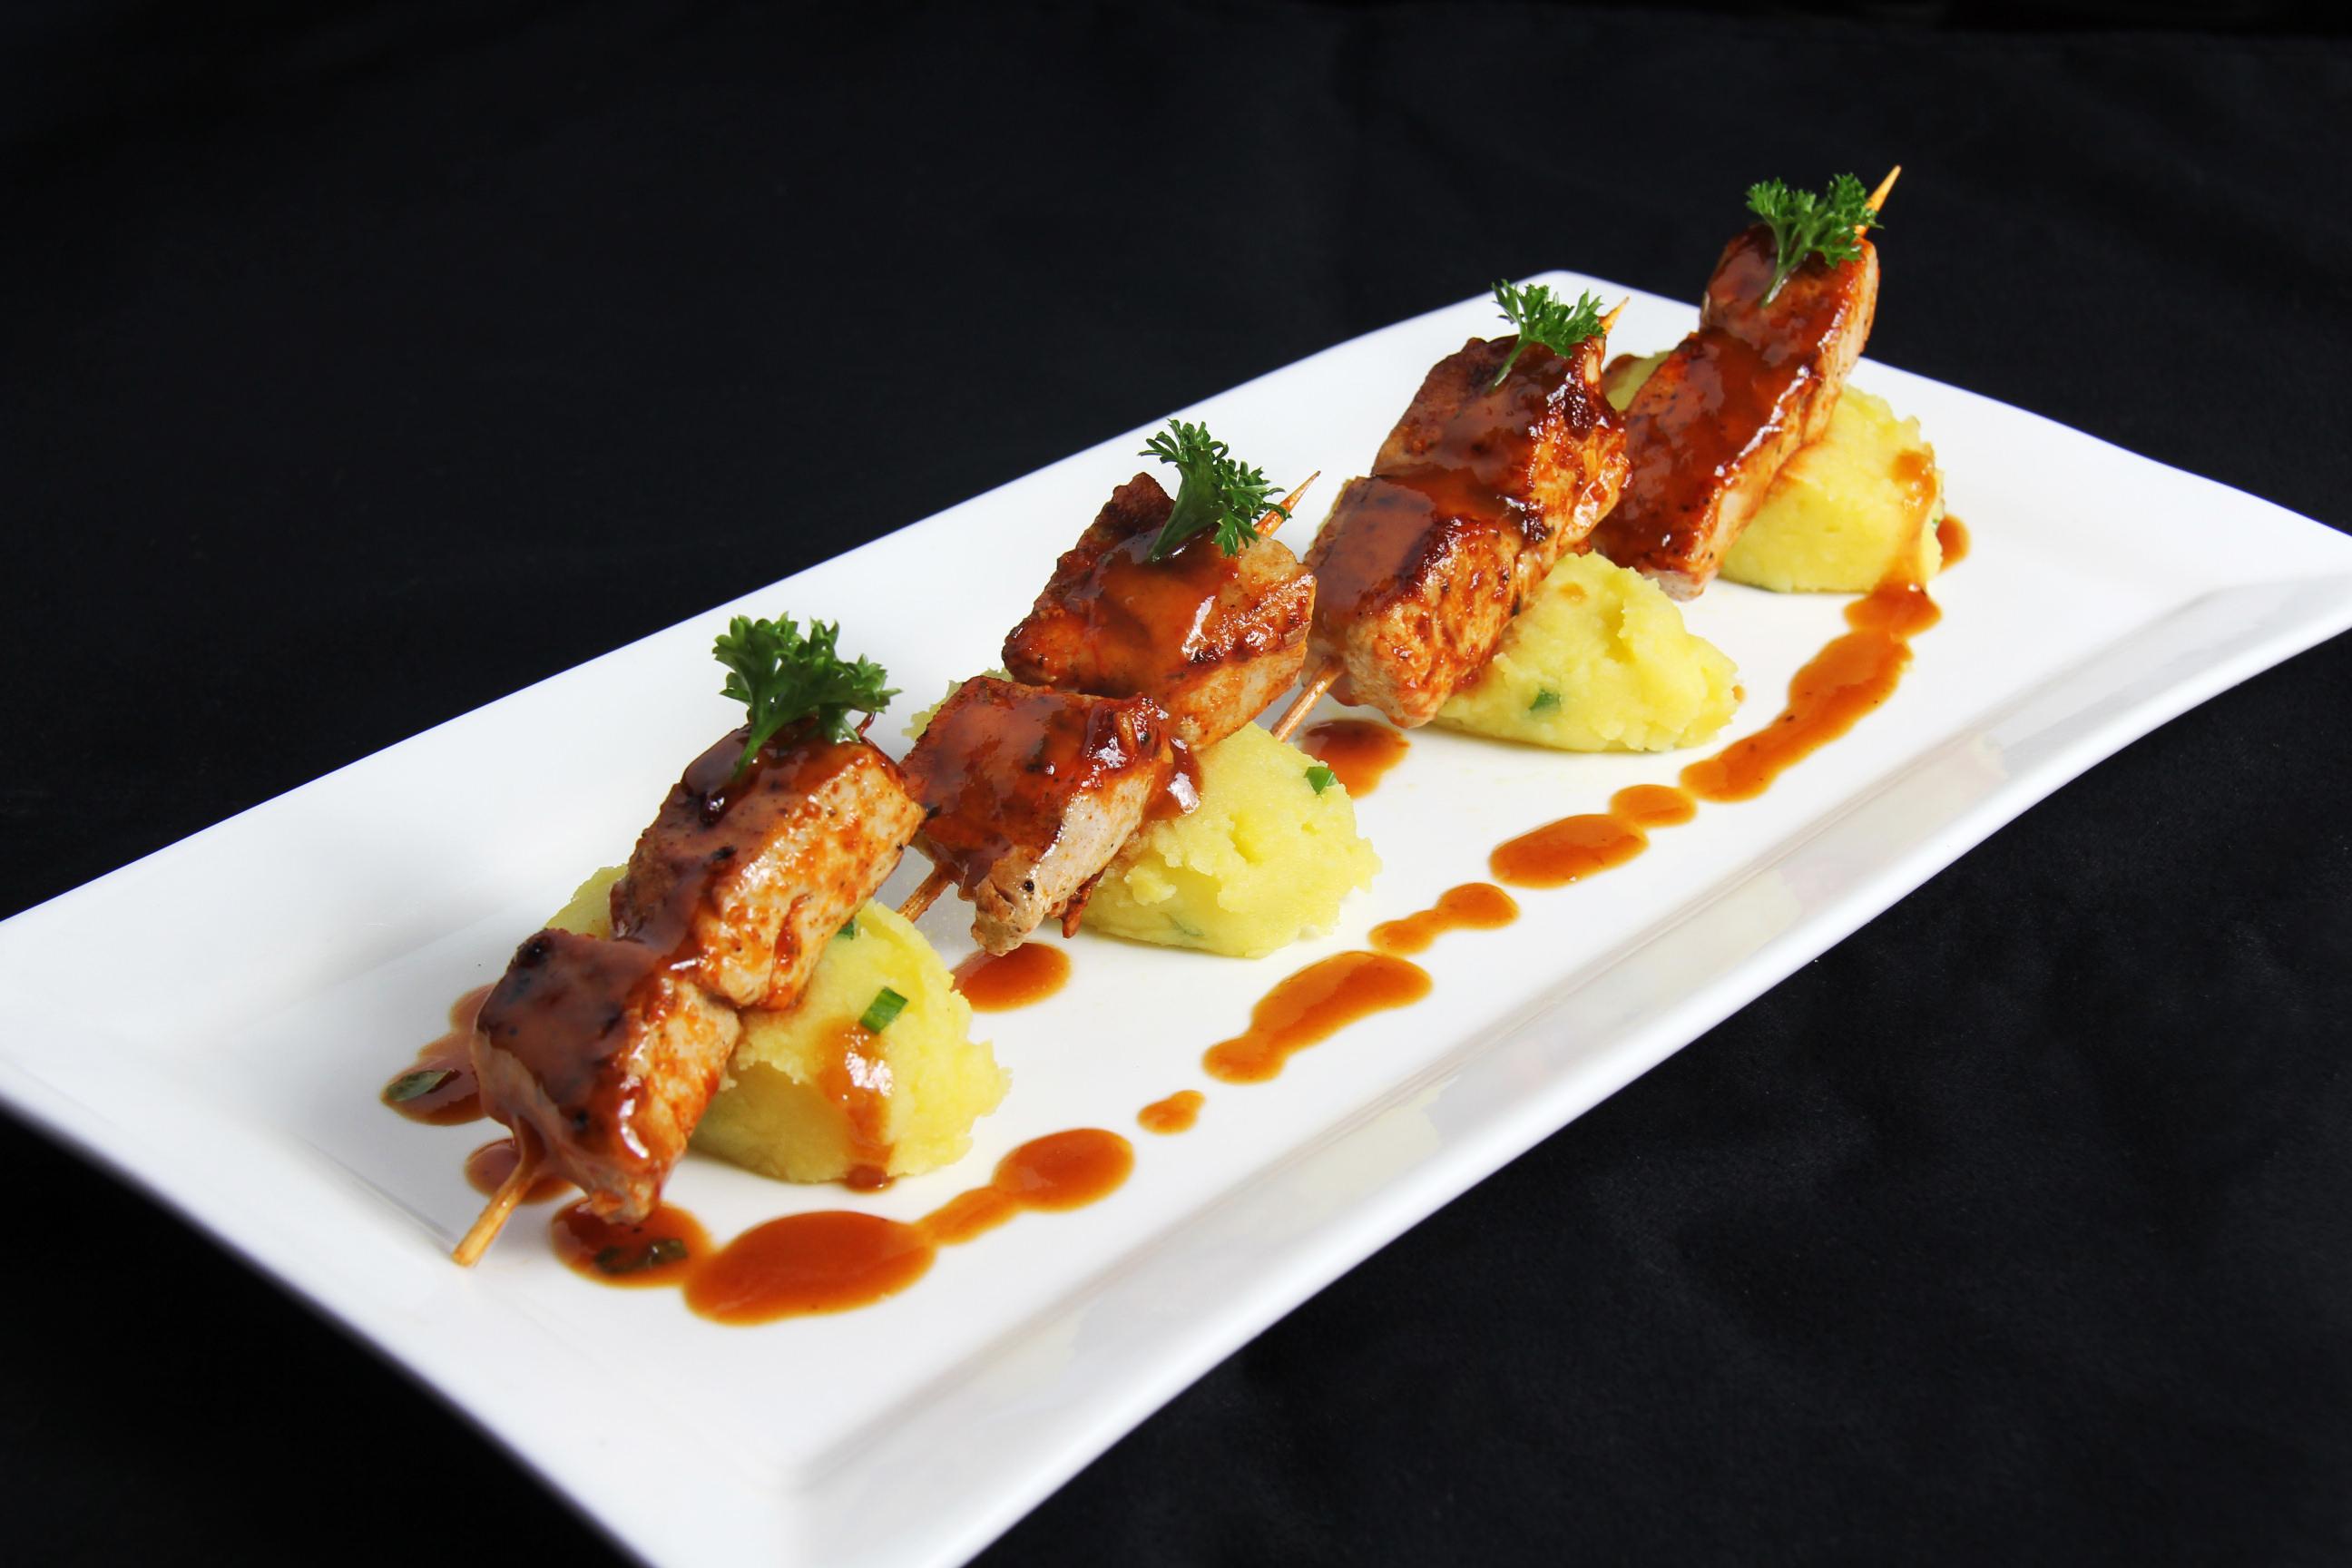 Nikko fusi n intercultural celebrando la cocina criolla for Platos de cocina